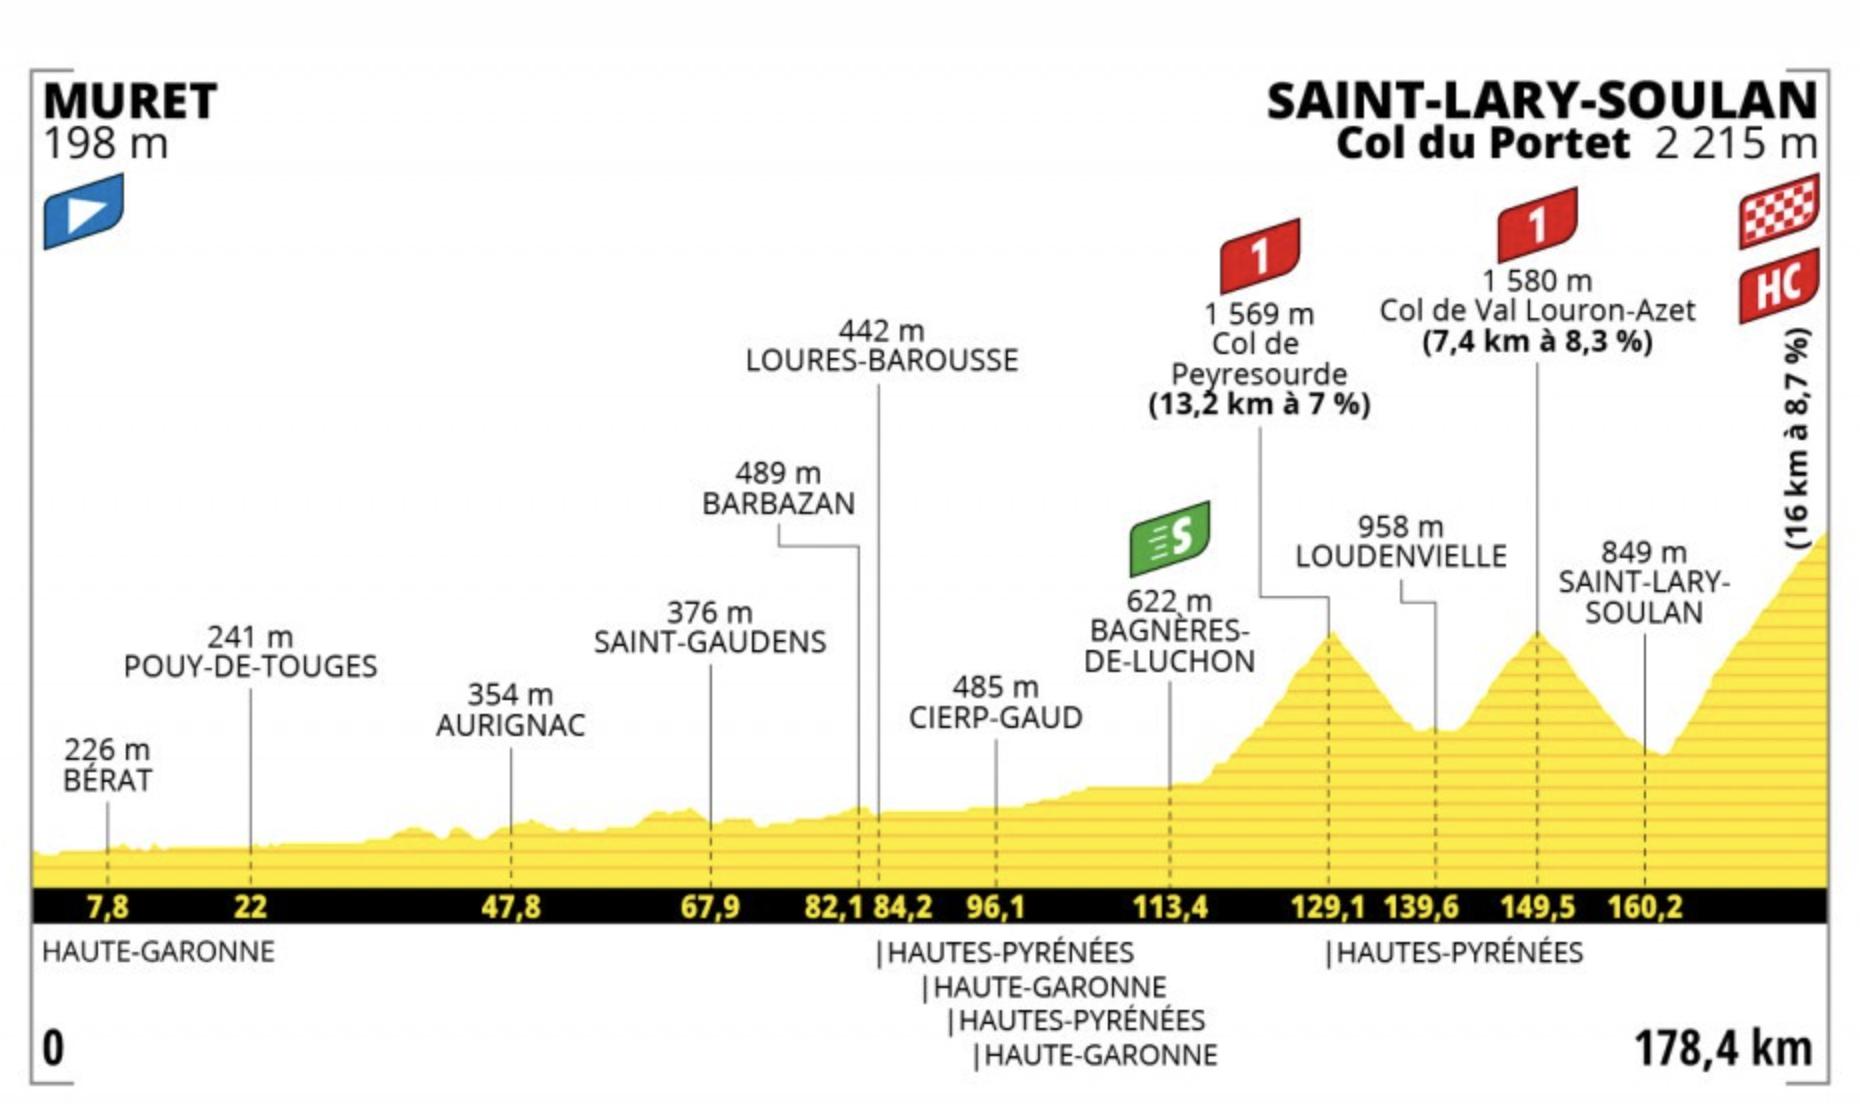 Tour de France 2021: Stage 17 profile